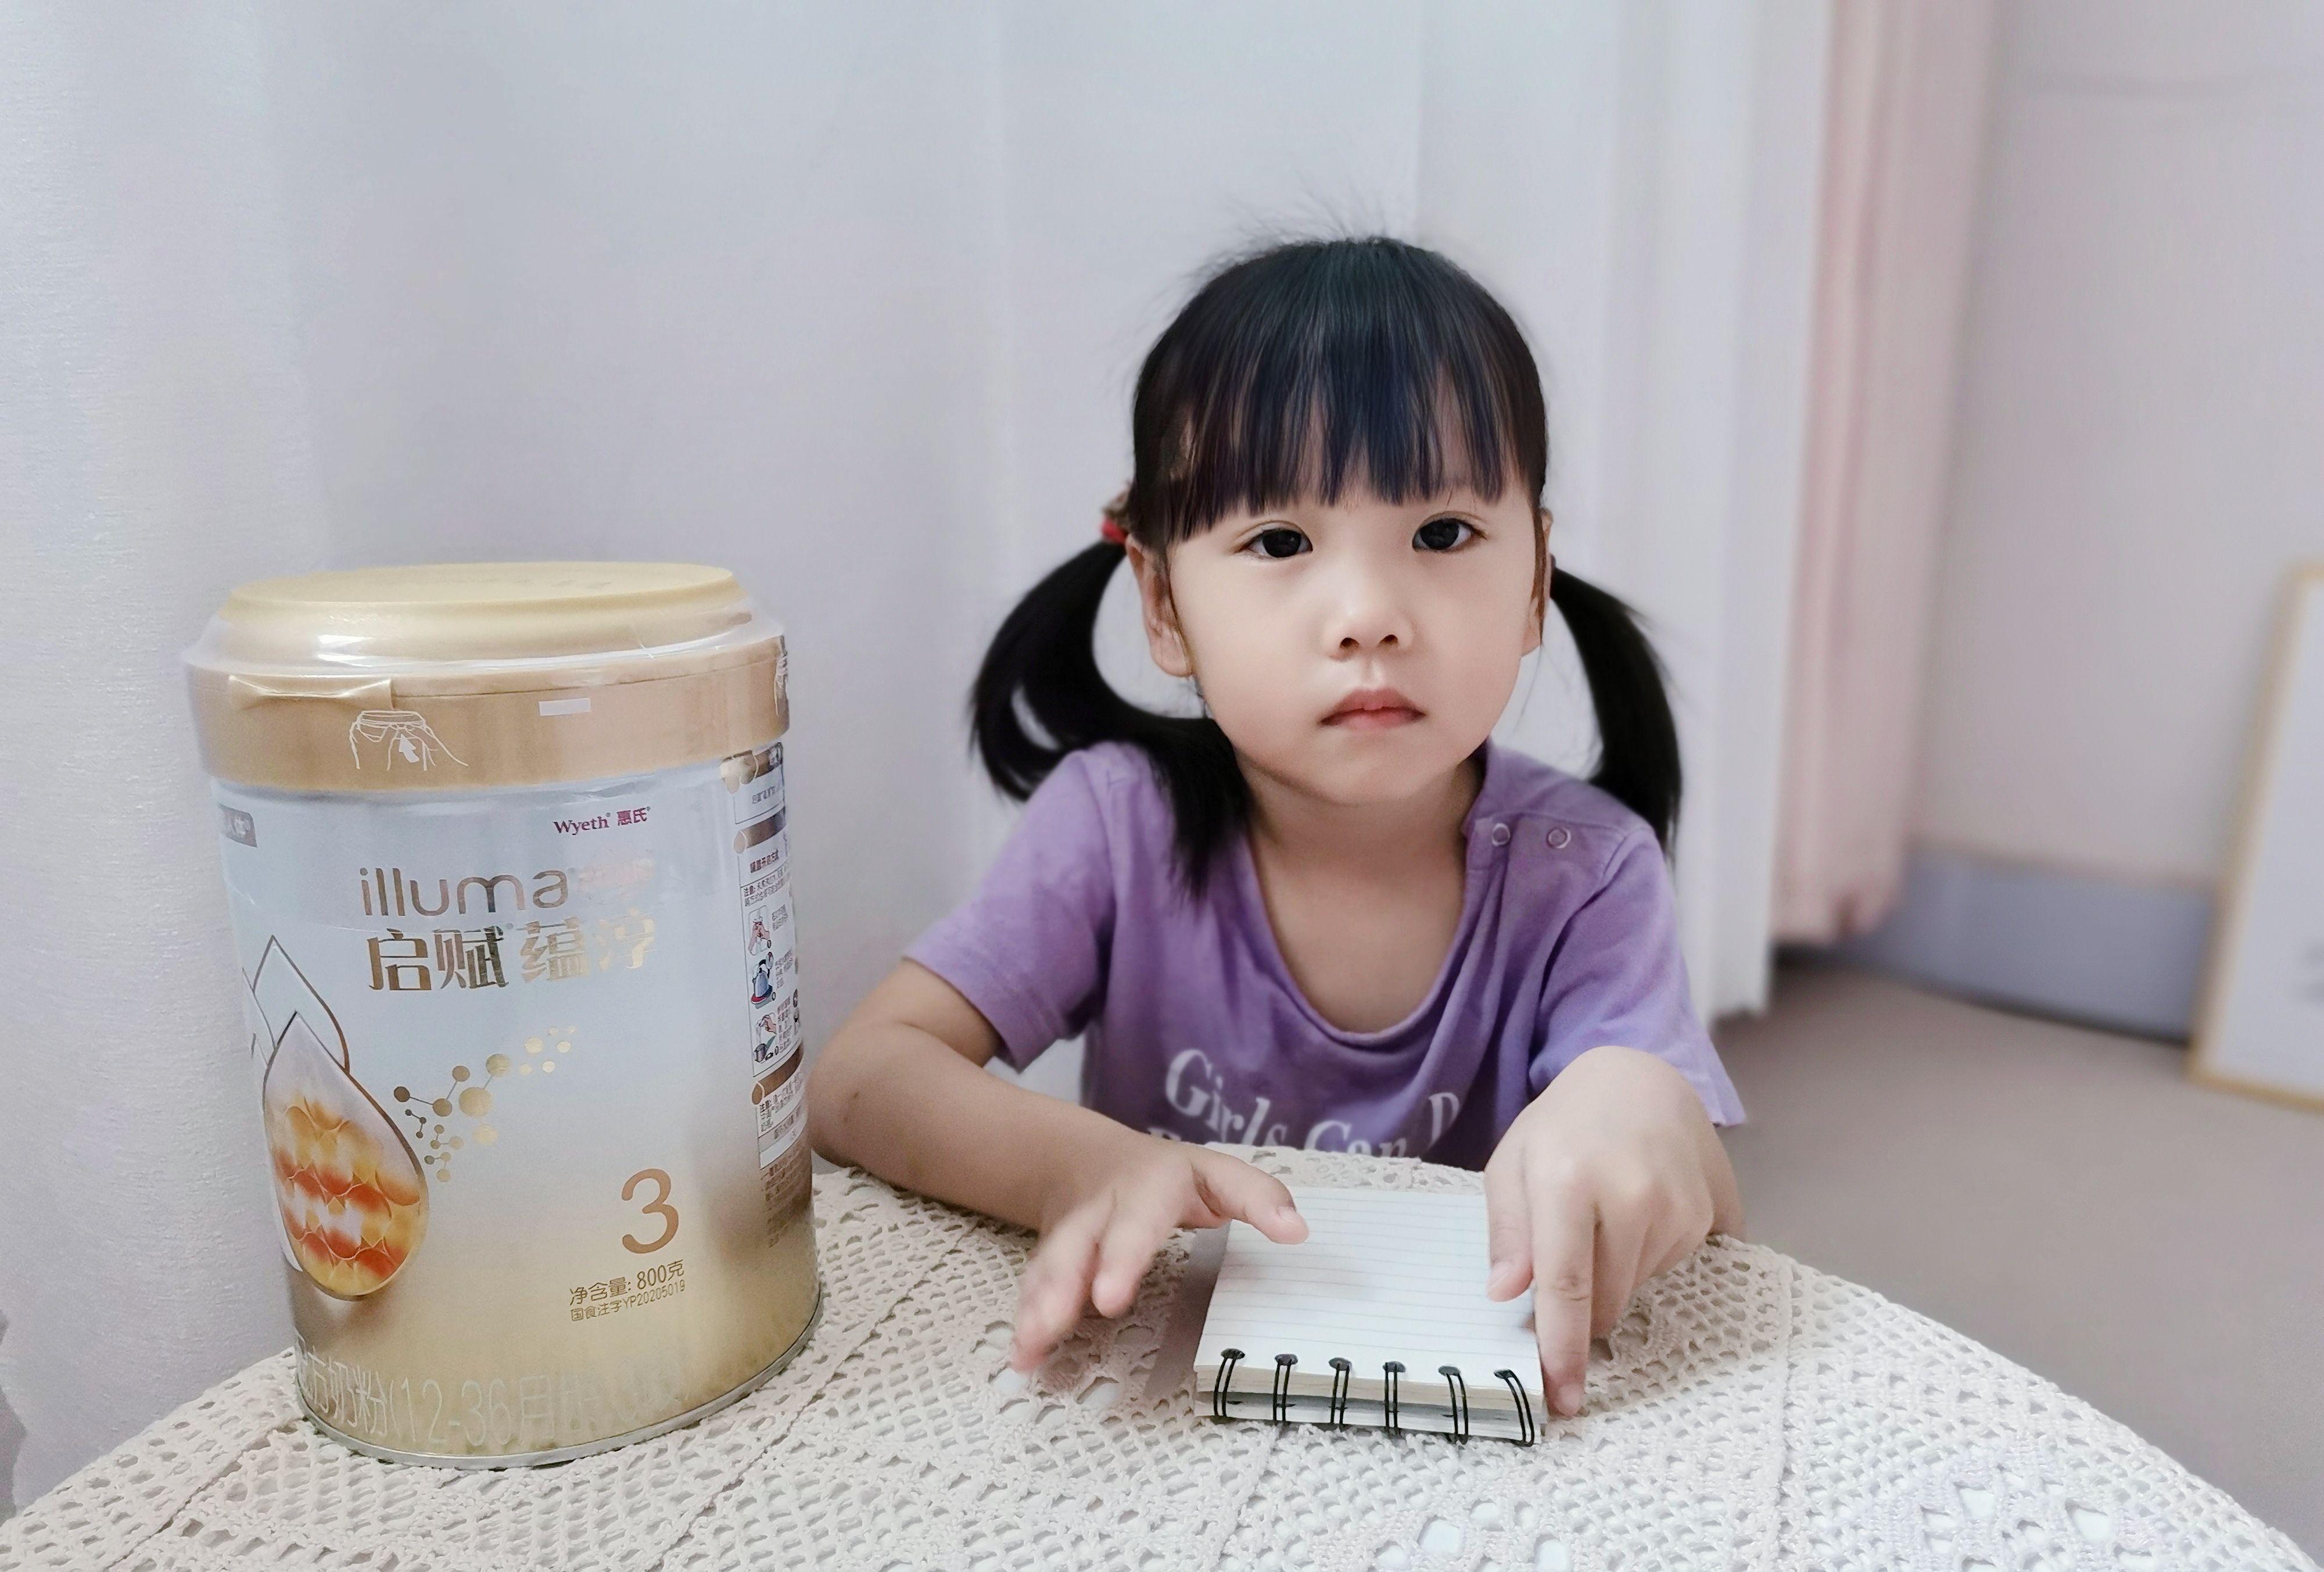 新啟賦給寶寶初乳般傳奇保護,斷奶更輕松